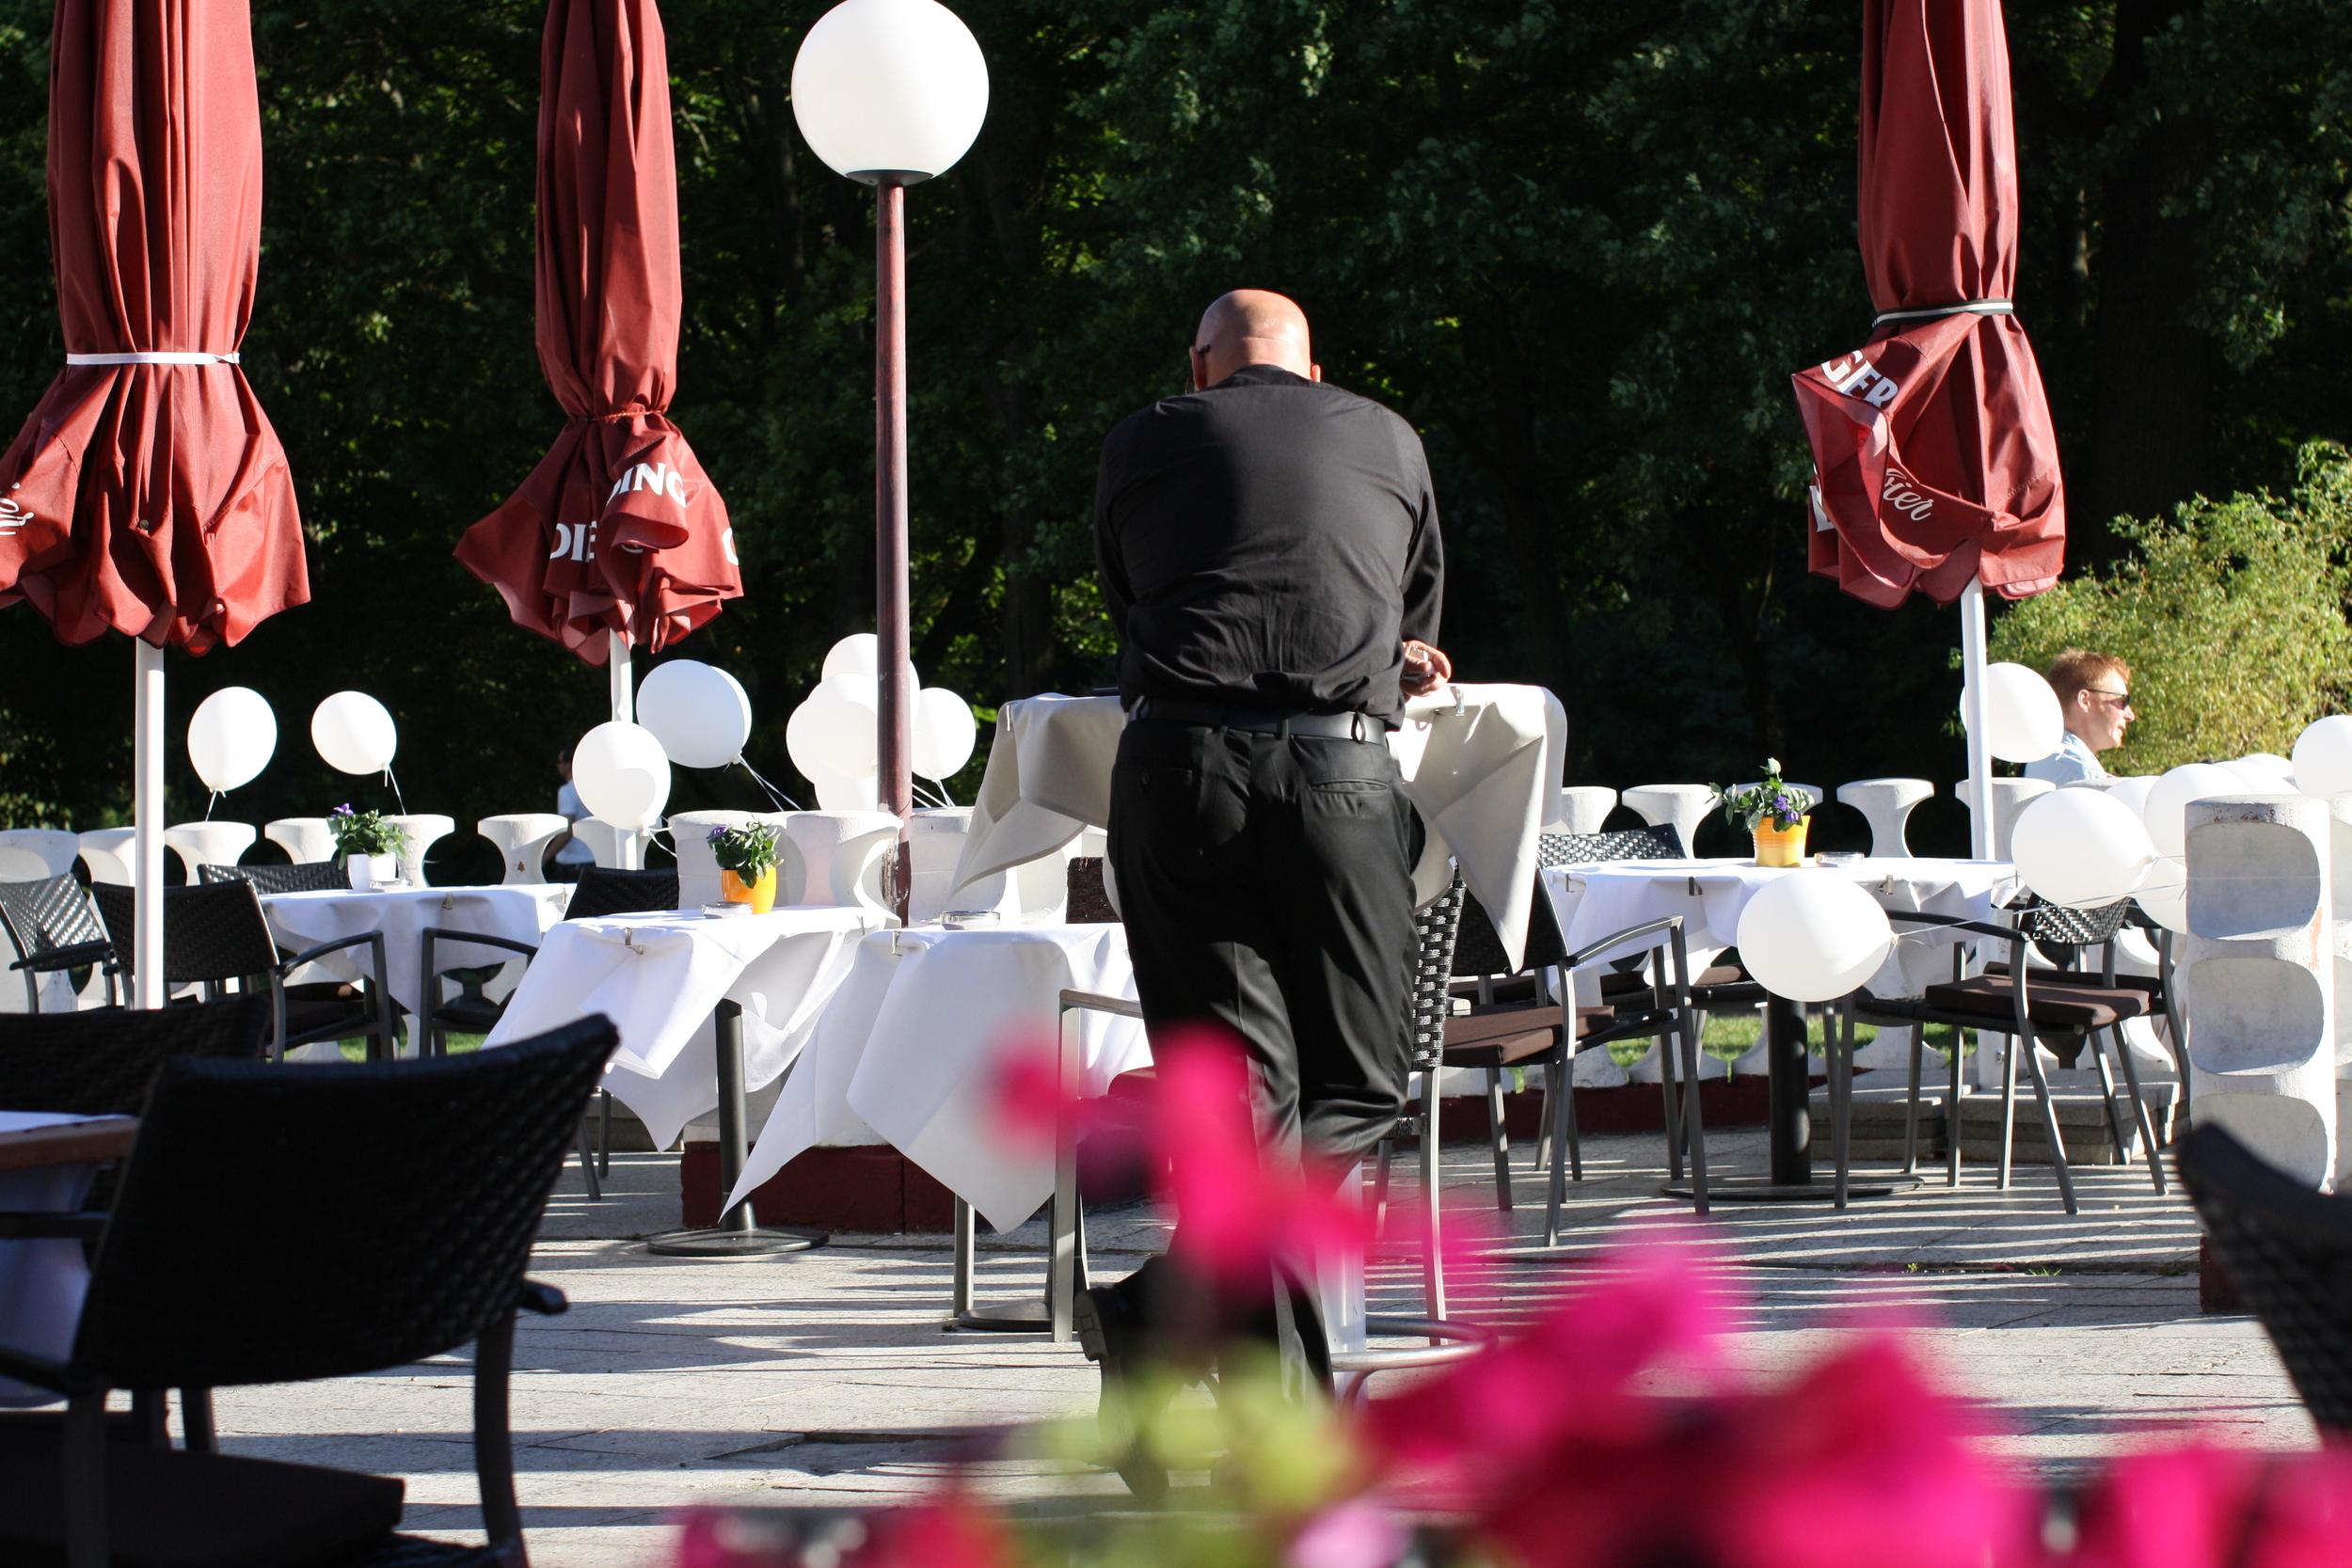 Copy of Restaurant Schoenbrunn Berlin